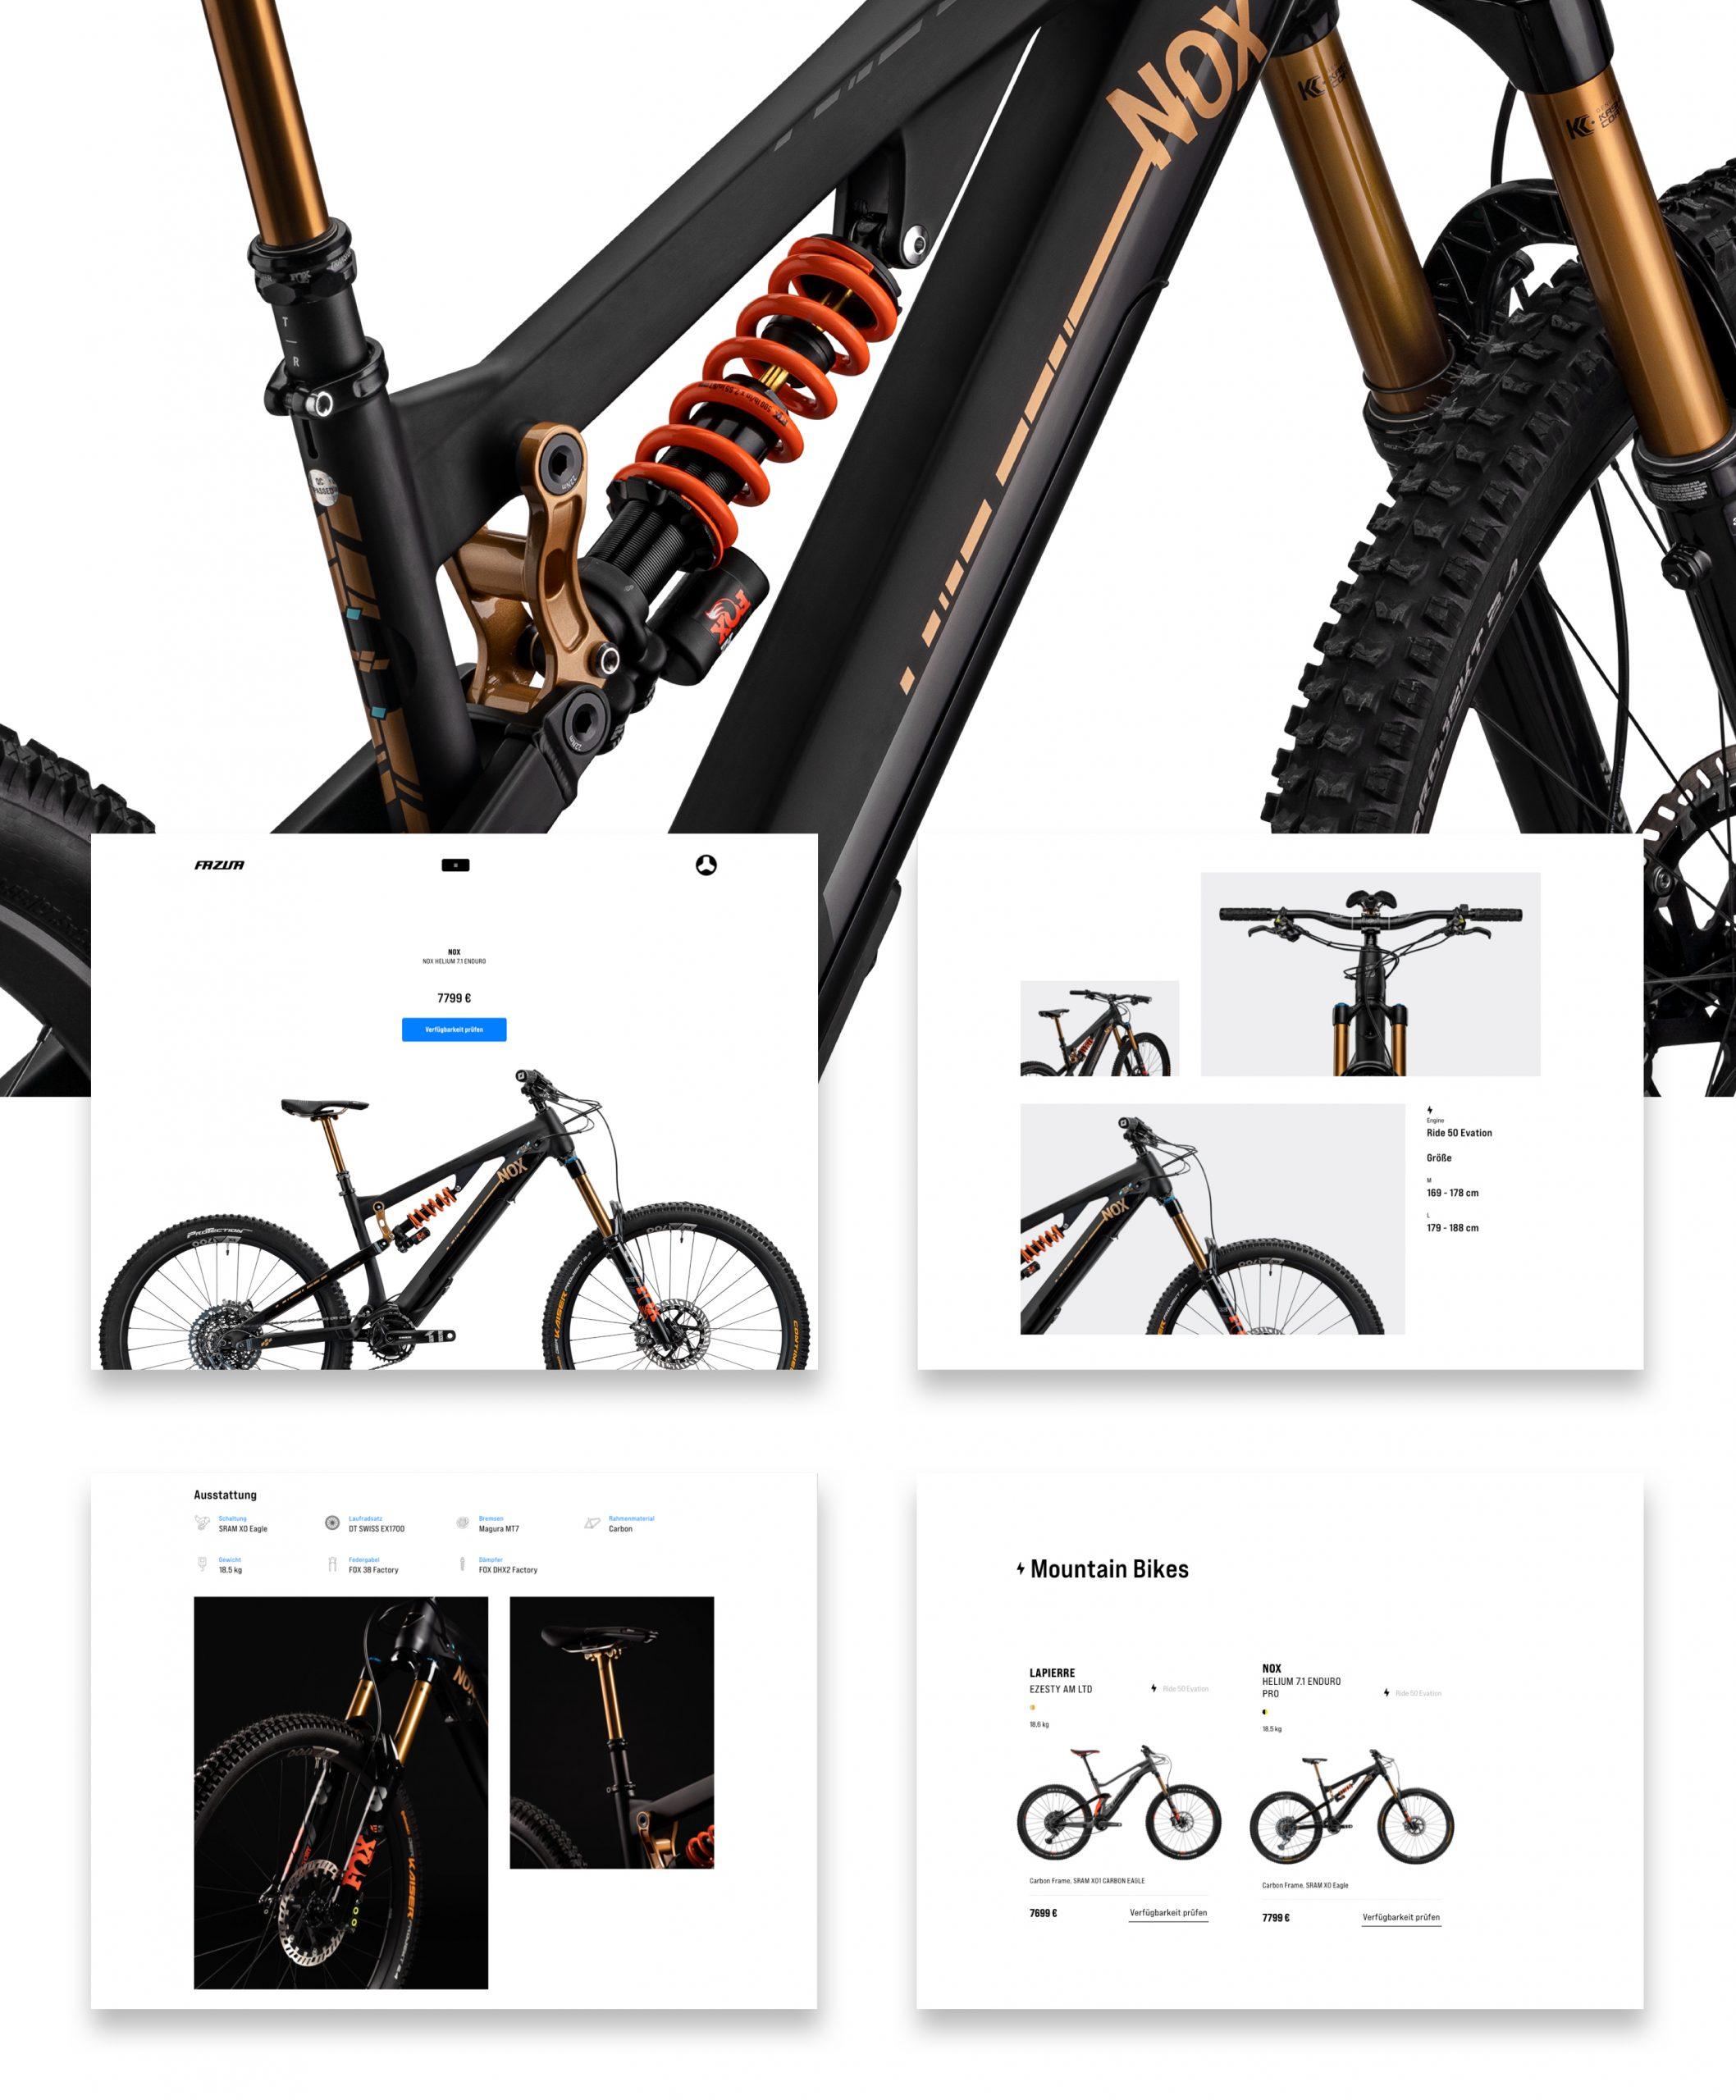 pascher-heinz-fazua-relaunch-product-overview